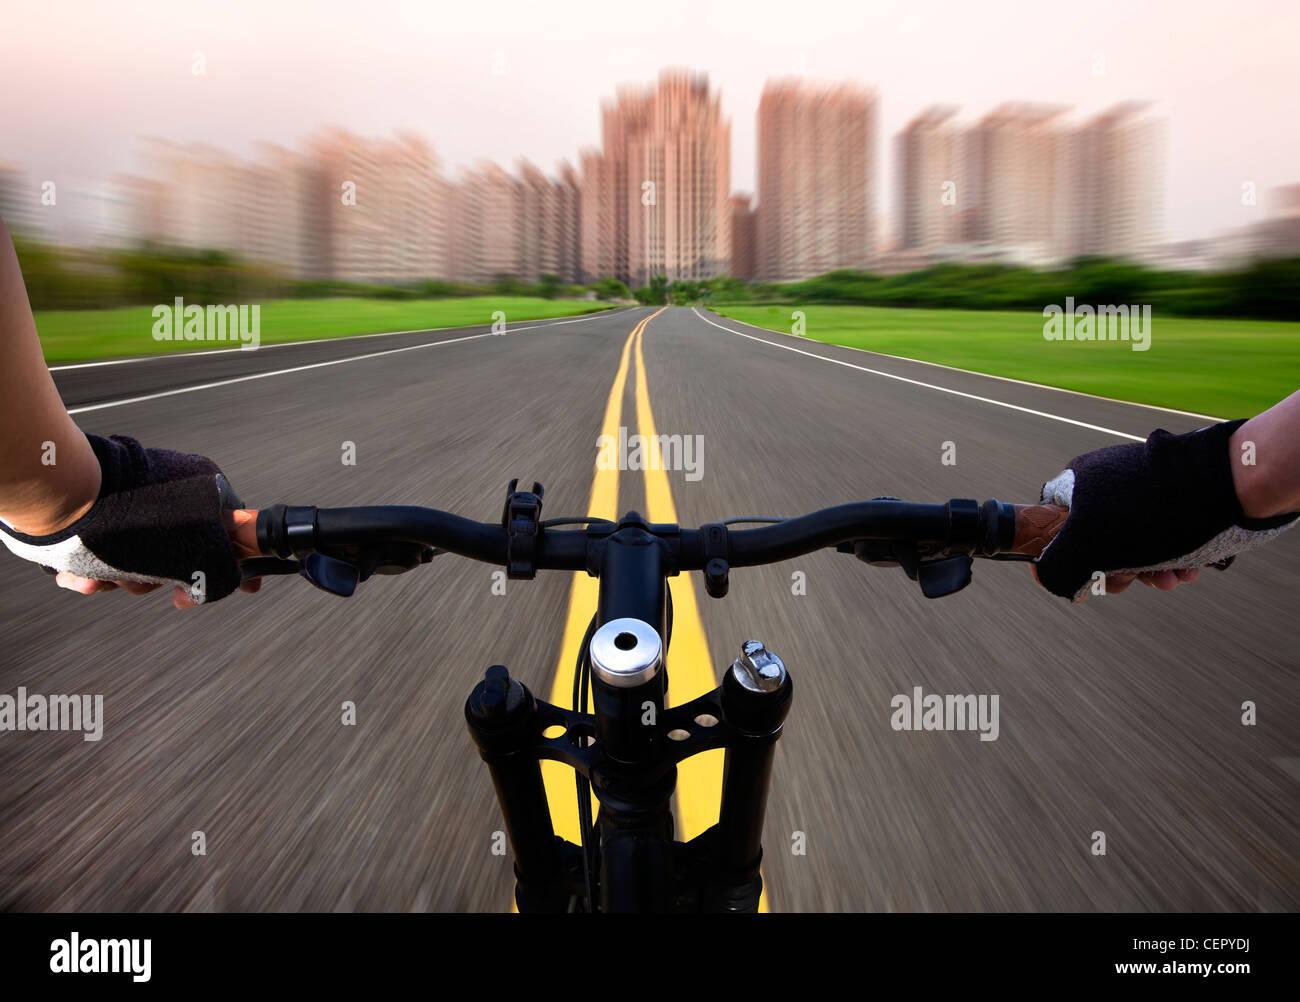 Jinete de bicicleta y equitación de alta velocidad a la ciudad en la carretera Imagen De Stock